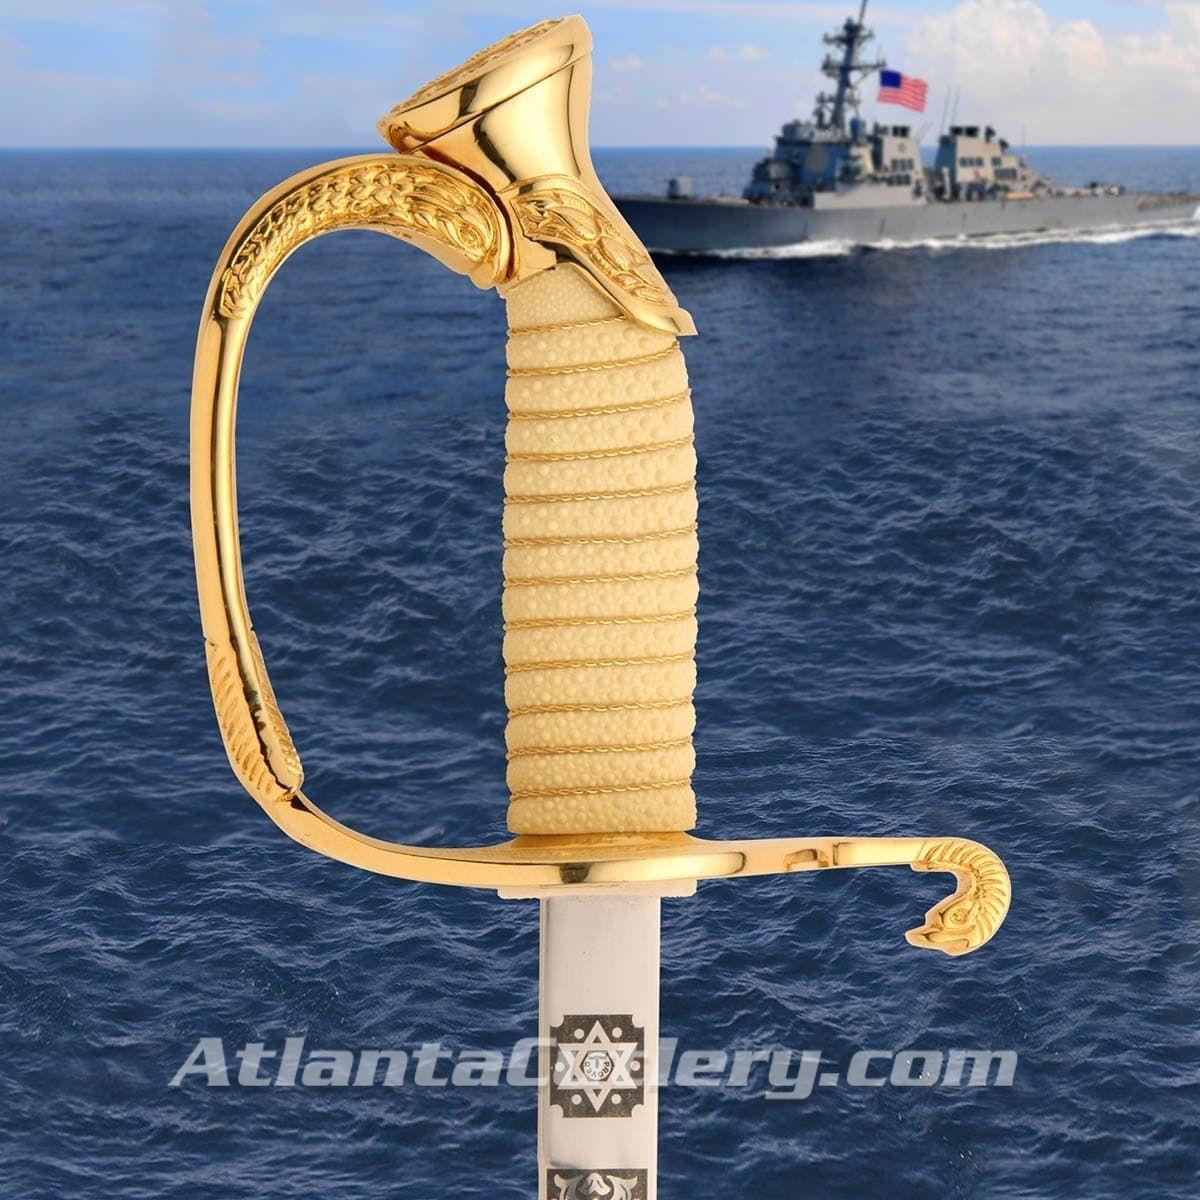 US Navy Officer's Dress Saber Hilt